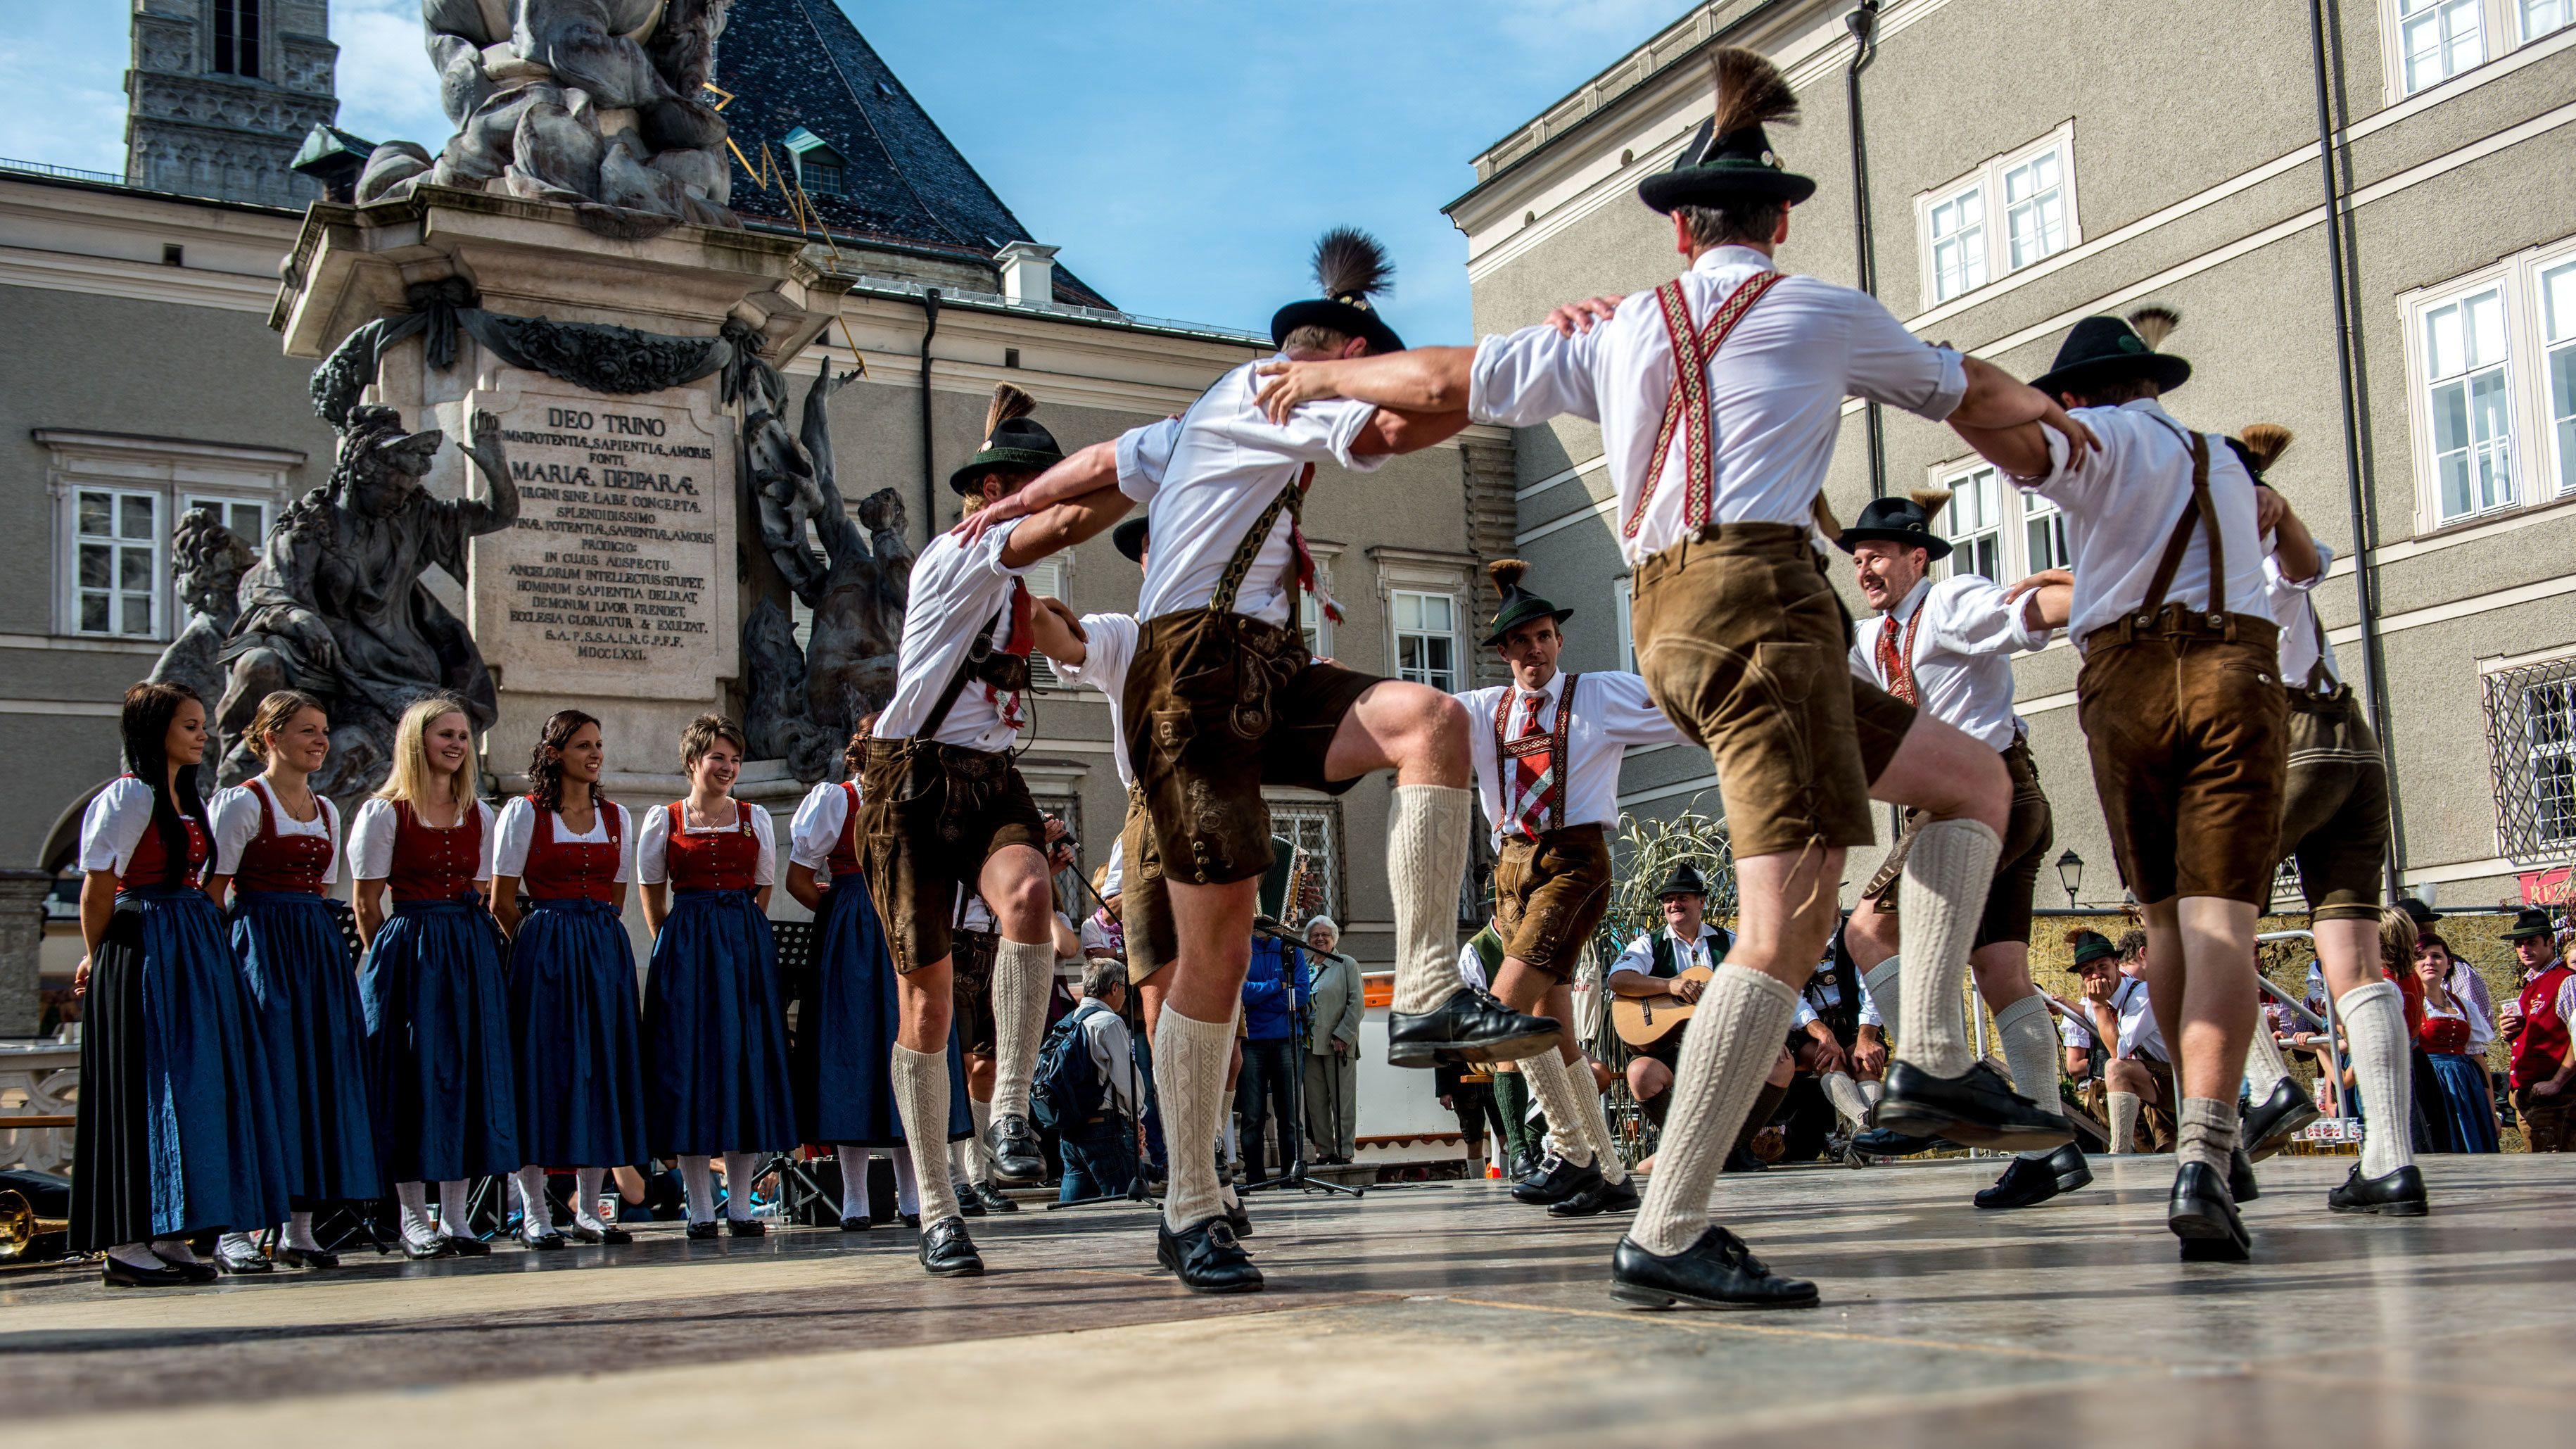 Private Führung zu Fuß durch Salzburg mit einem lizenzierten Reiseführer